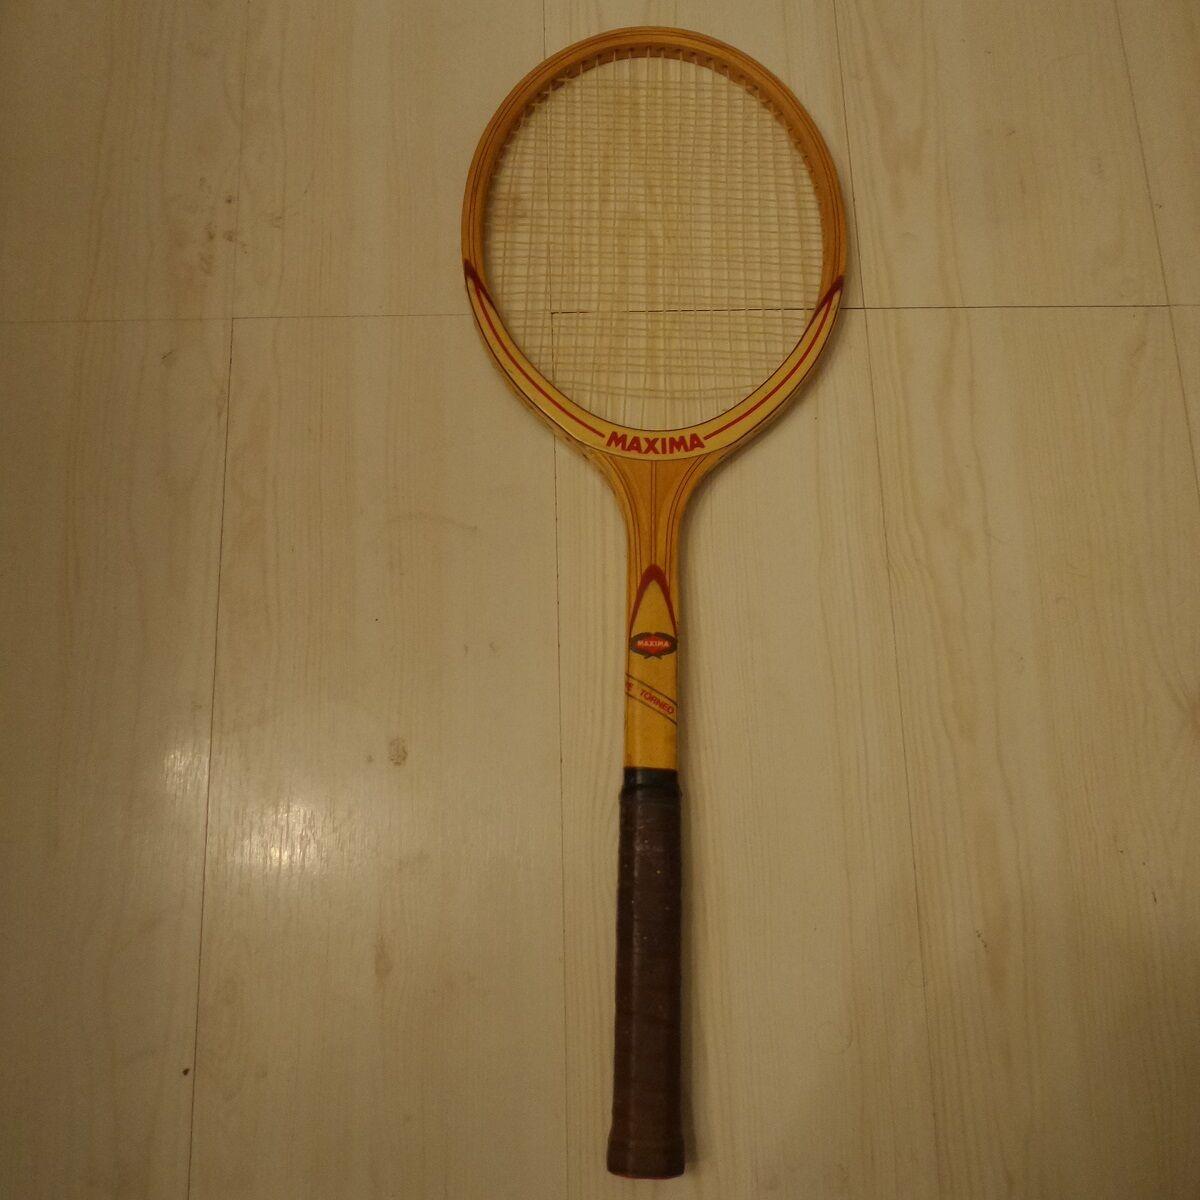 Racchette il legno vintage Maxima De Luxe, Maxima Torneo Torneo Torneo de Luxe b83550